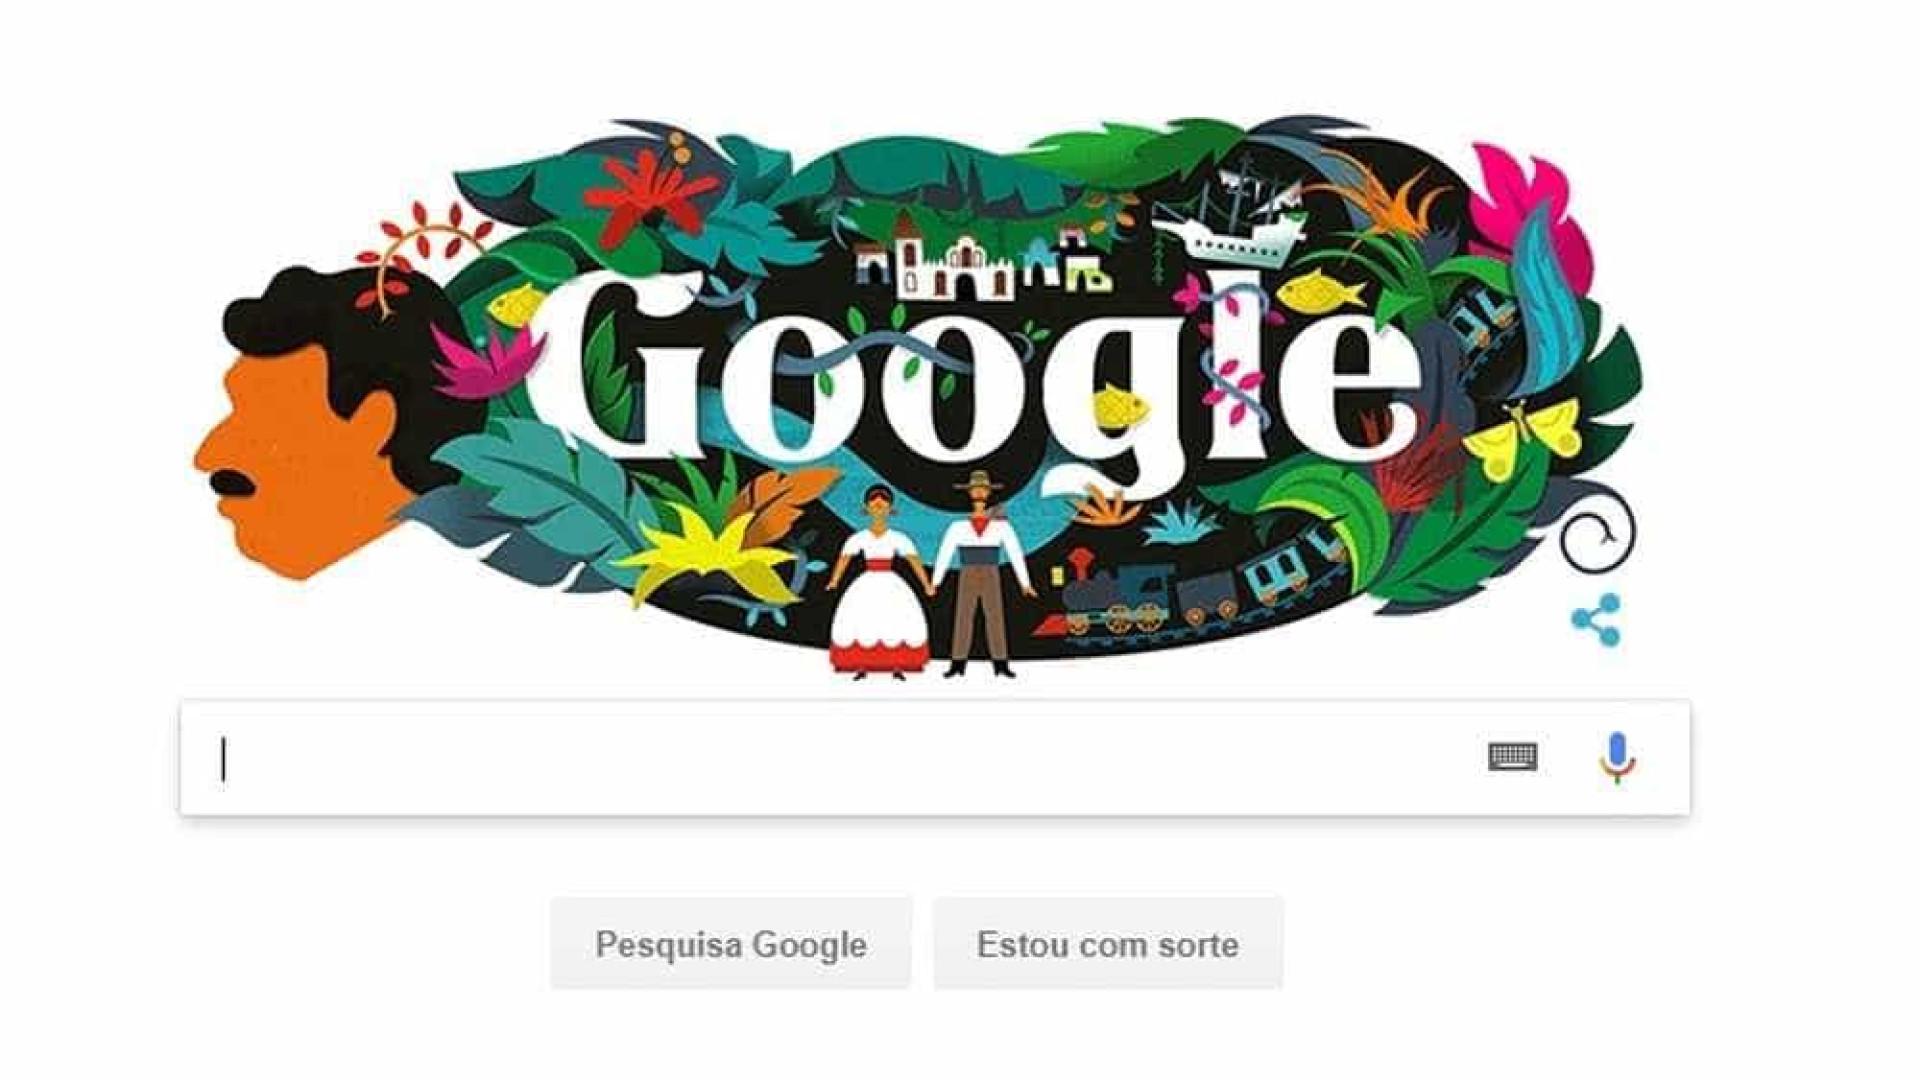 Relembre o escritor que virou Doodle — Gabriel García Márquez